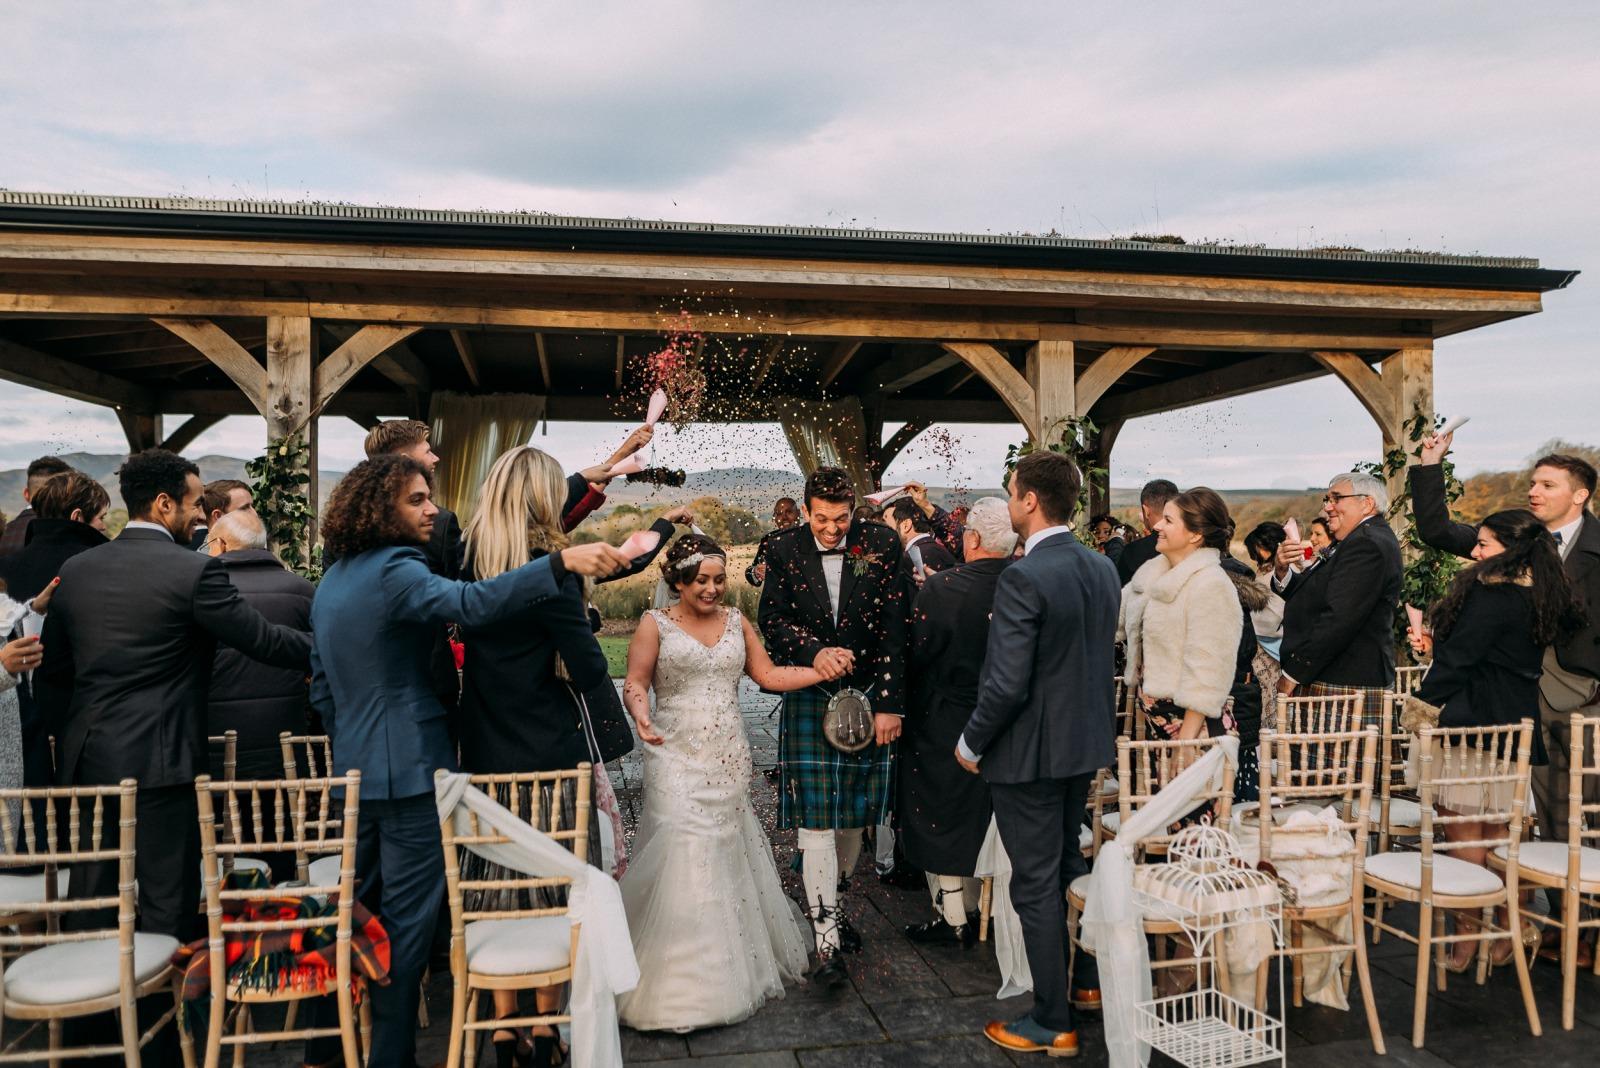 highward-house-wedding-298-of-372